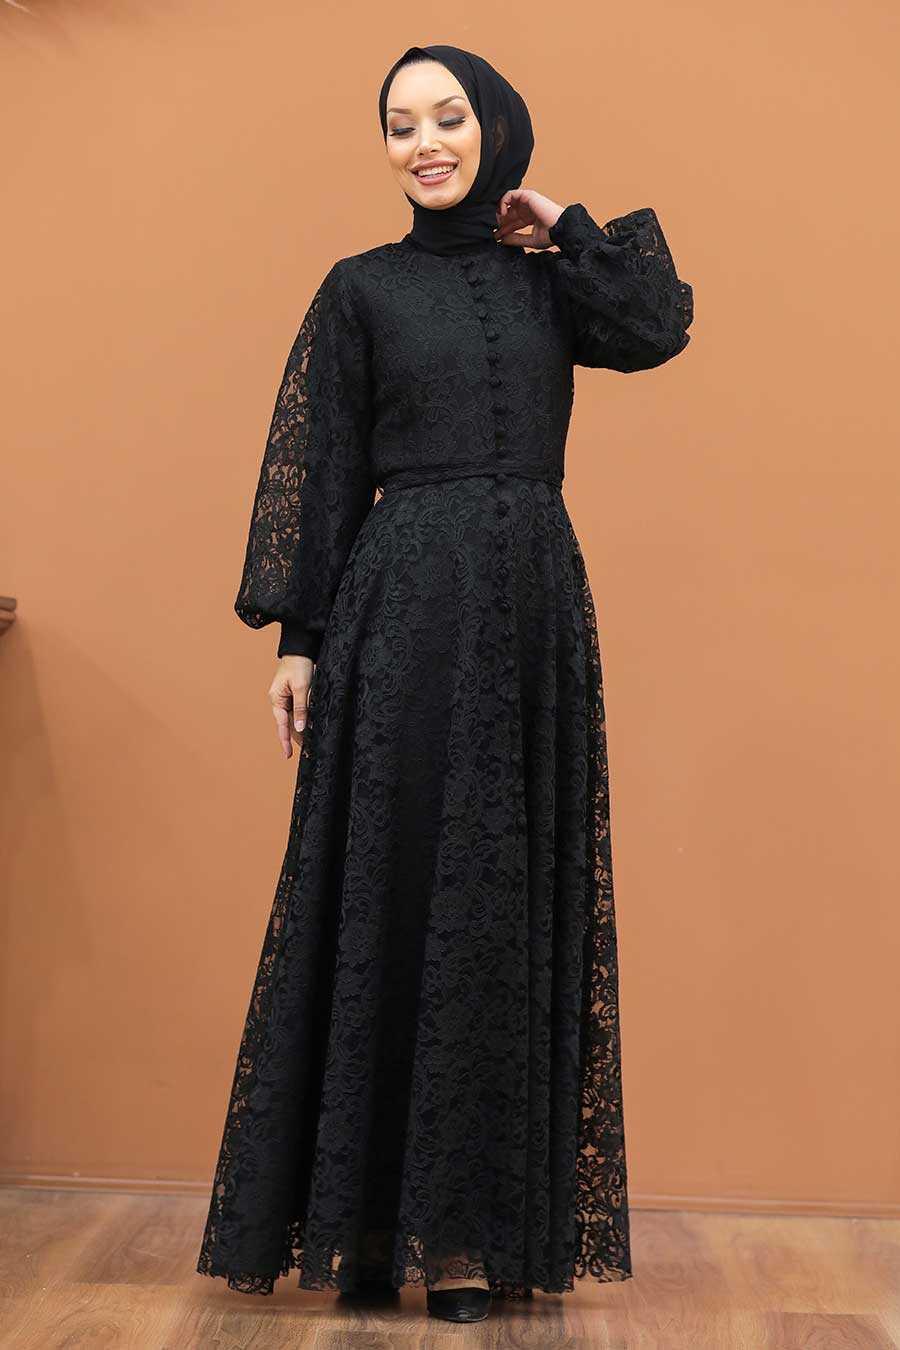 Black Hijab Evening Dress 5477S